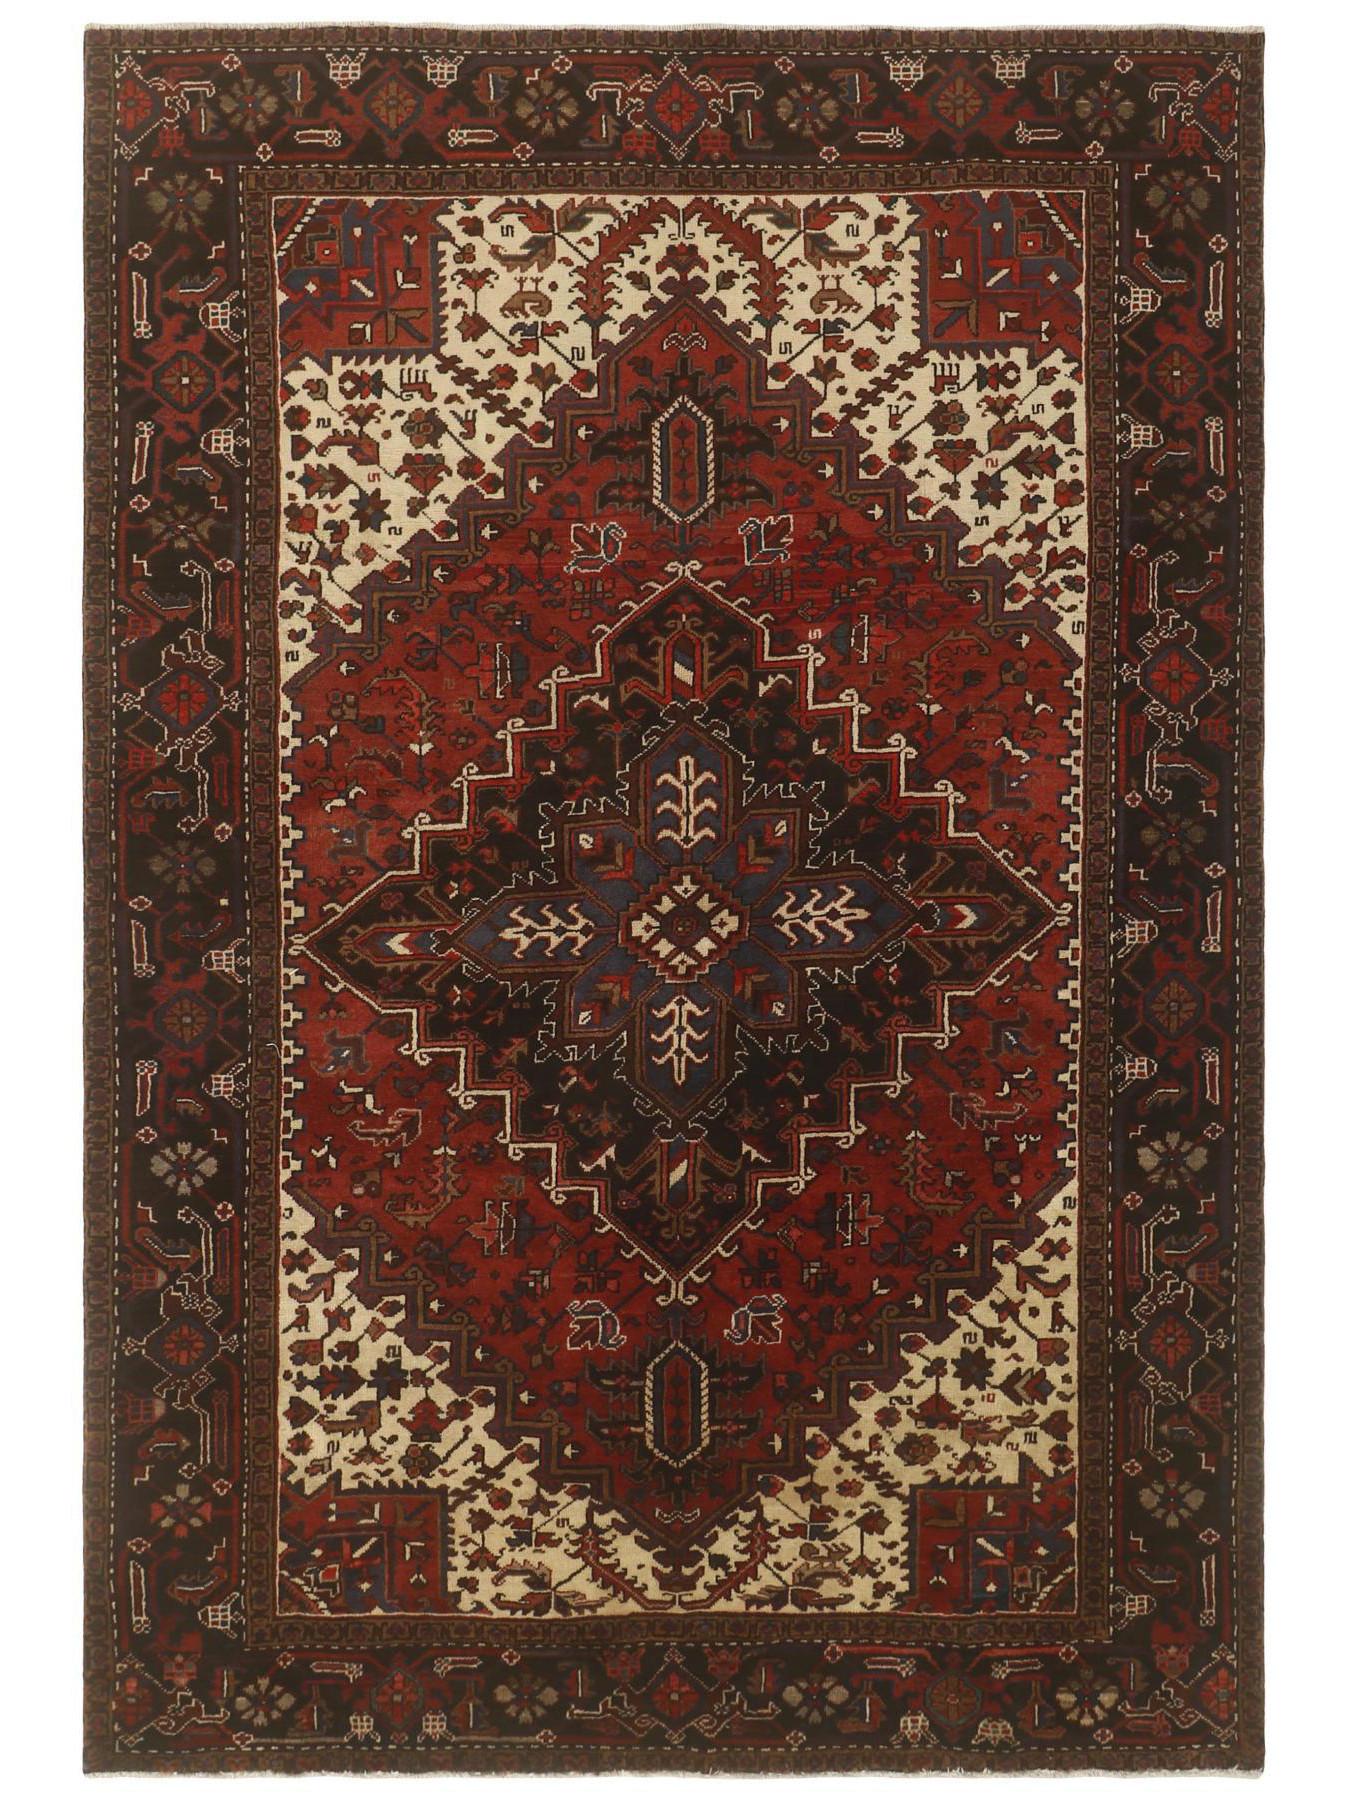 Perzische tapijten - Heriz